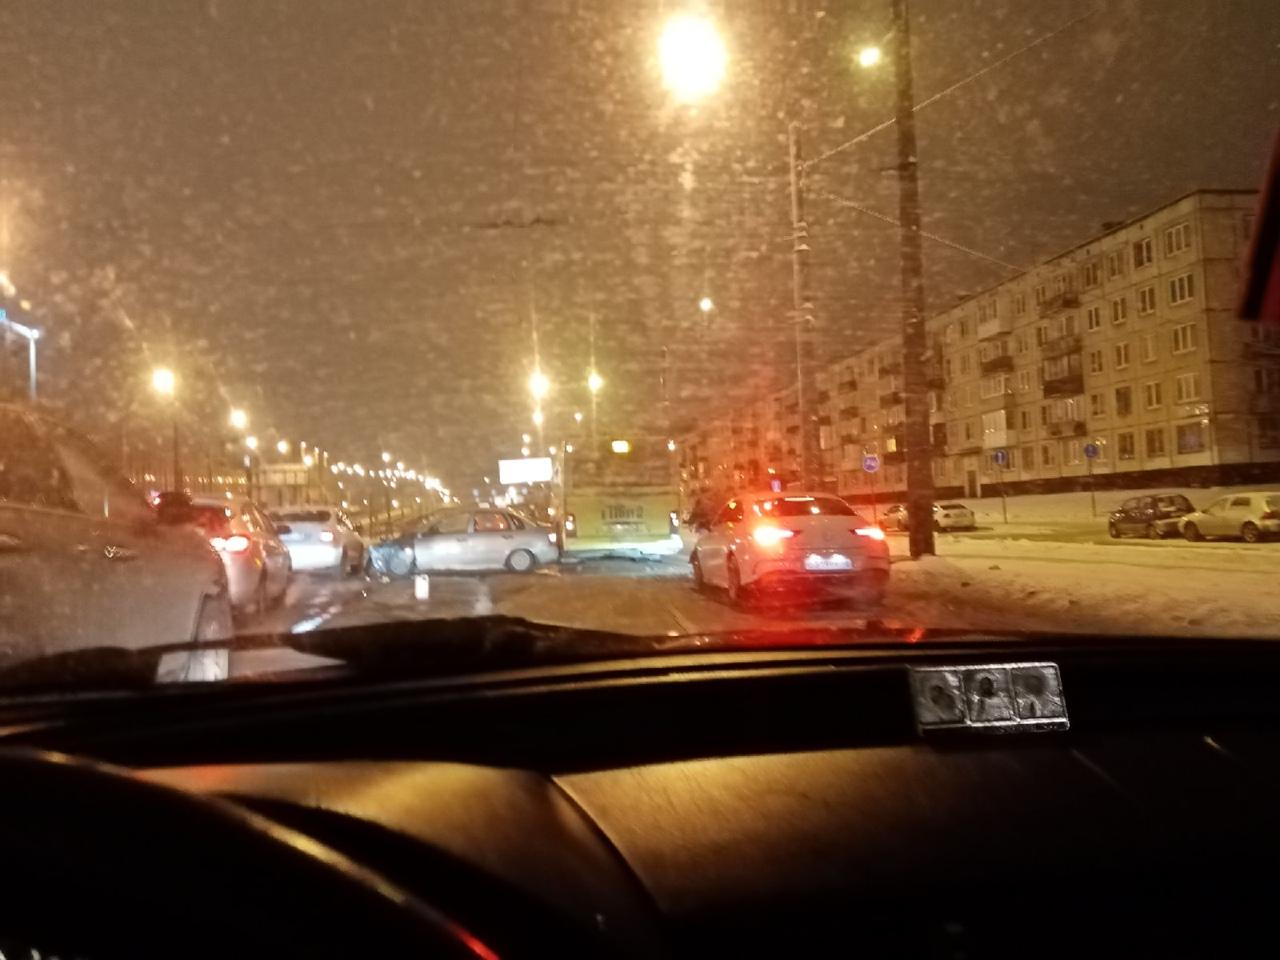 Авария на Пискаревском проспекте напротив дома 56к1, по направлению от Руставели.